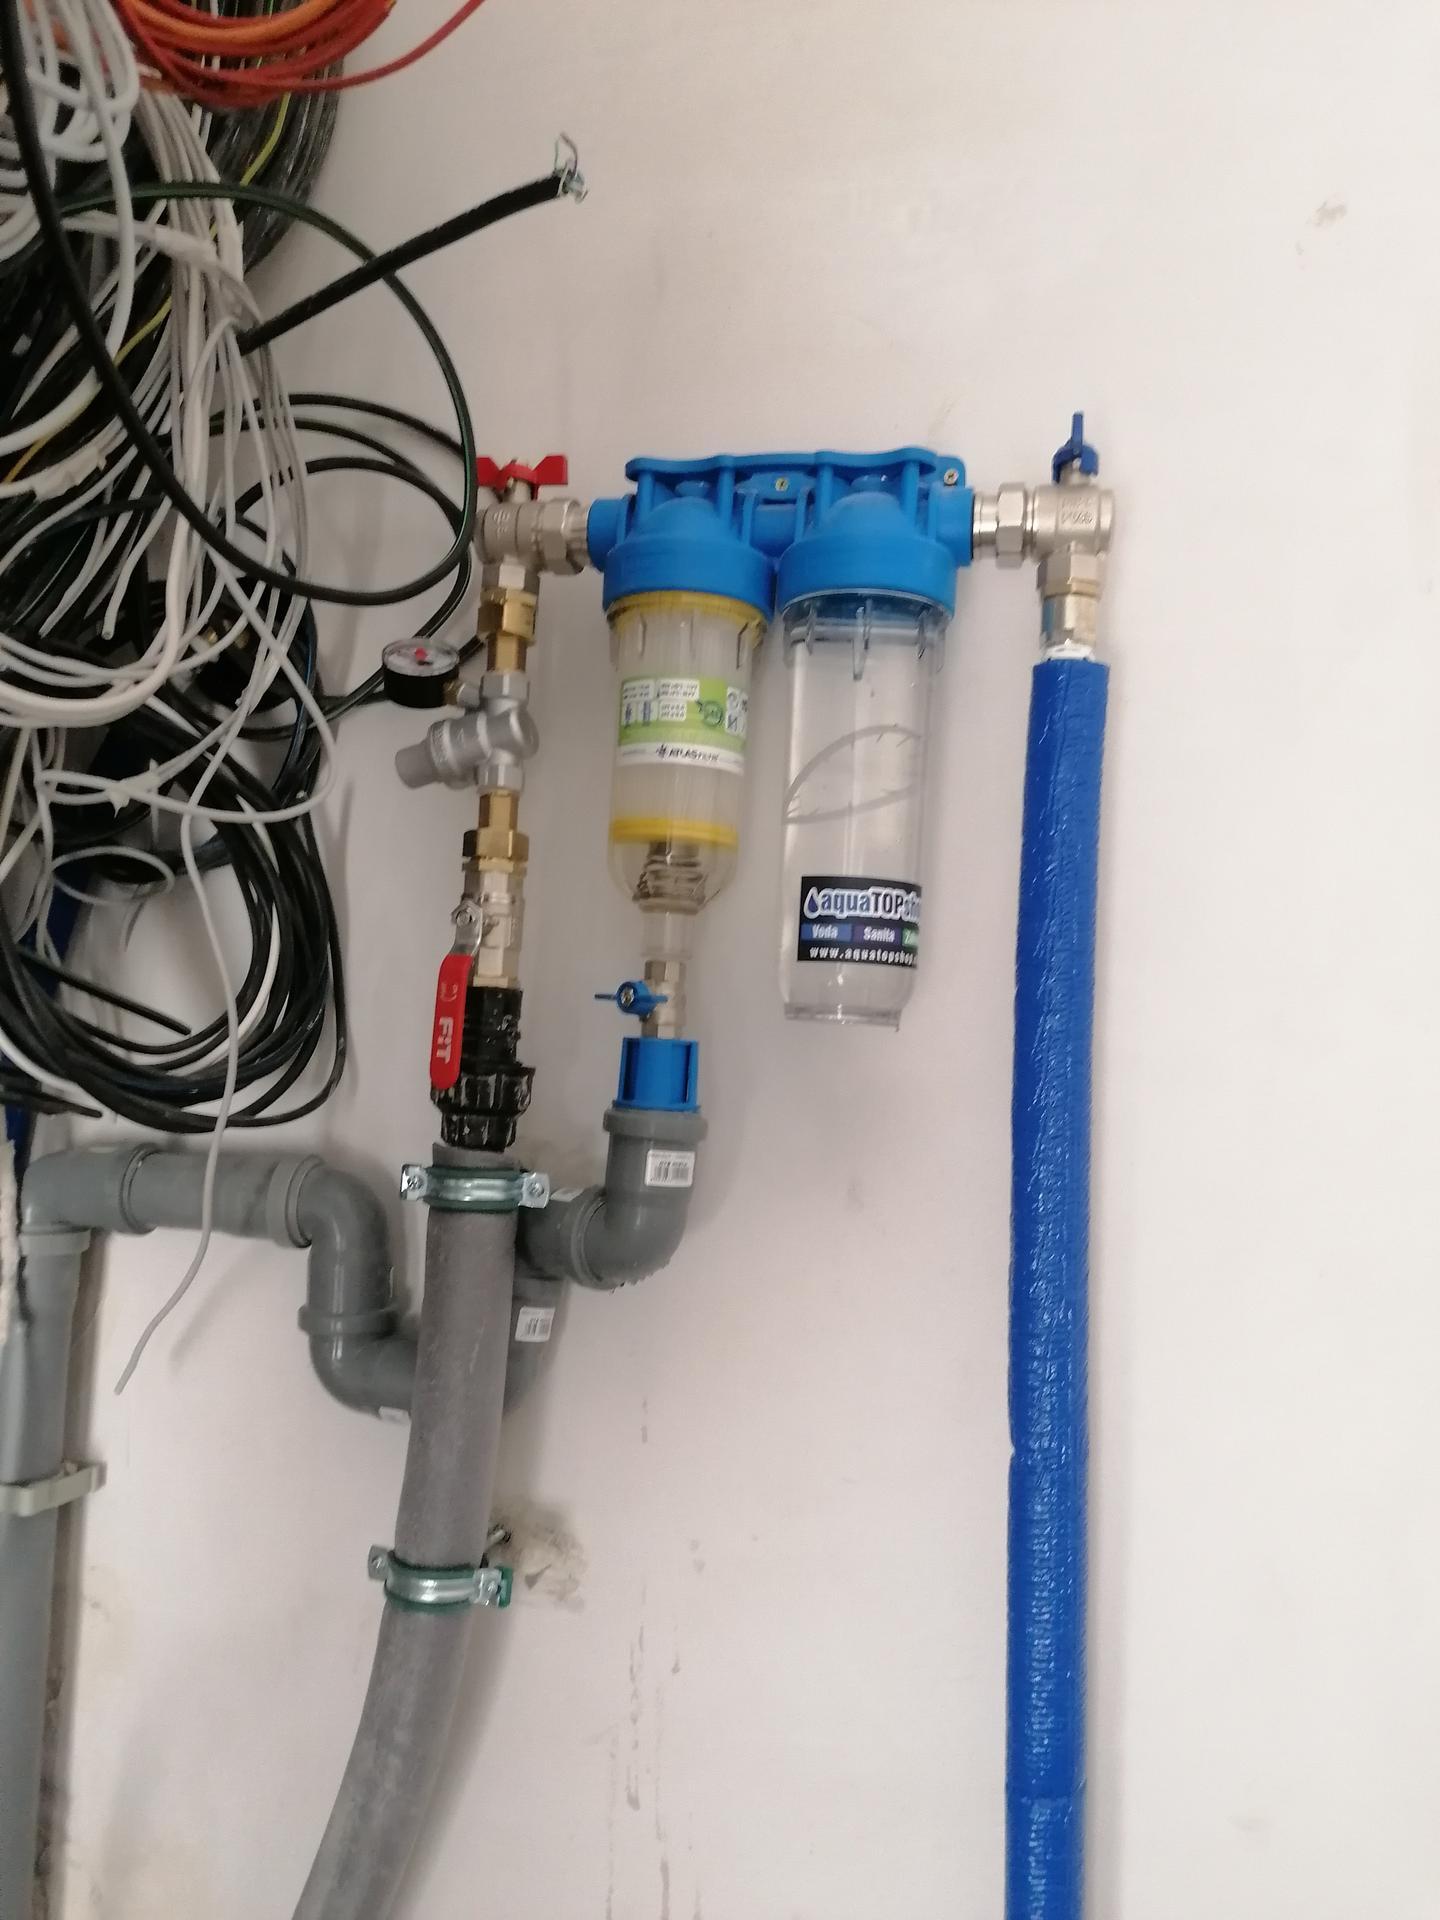 Pasiv Svépomocí 2020 - zapojení přívodu vody - hl. ventil, redukční ventil,filtry